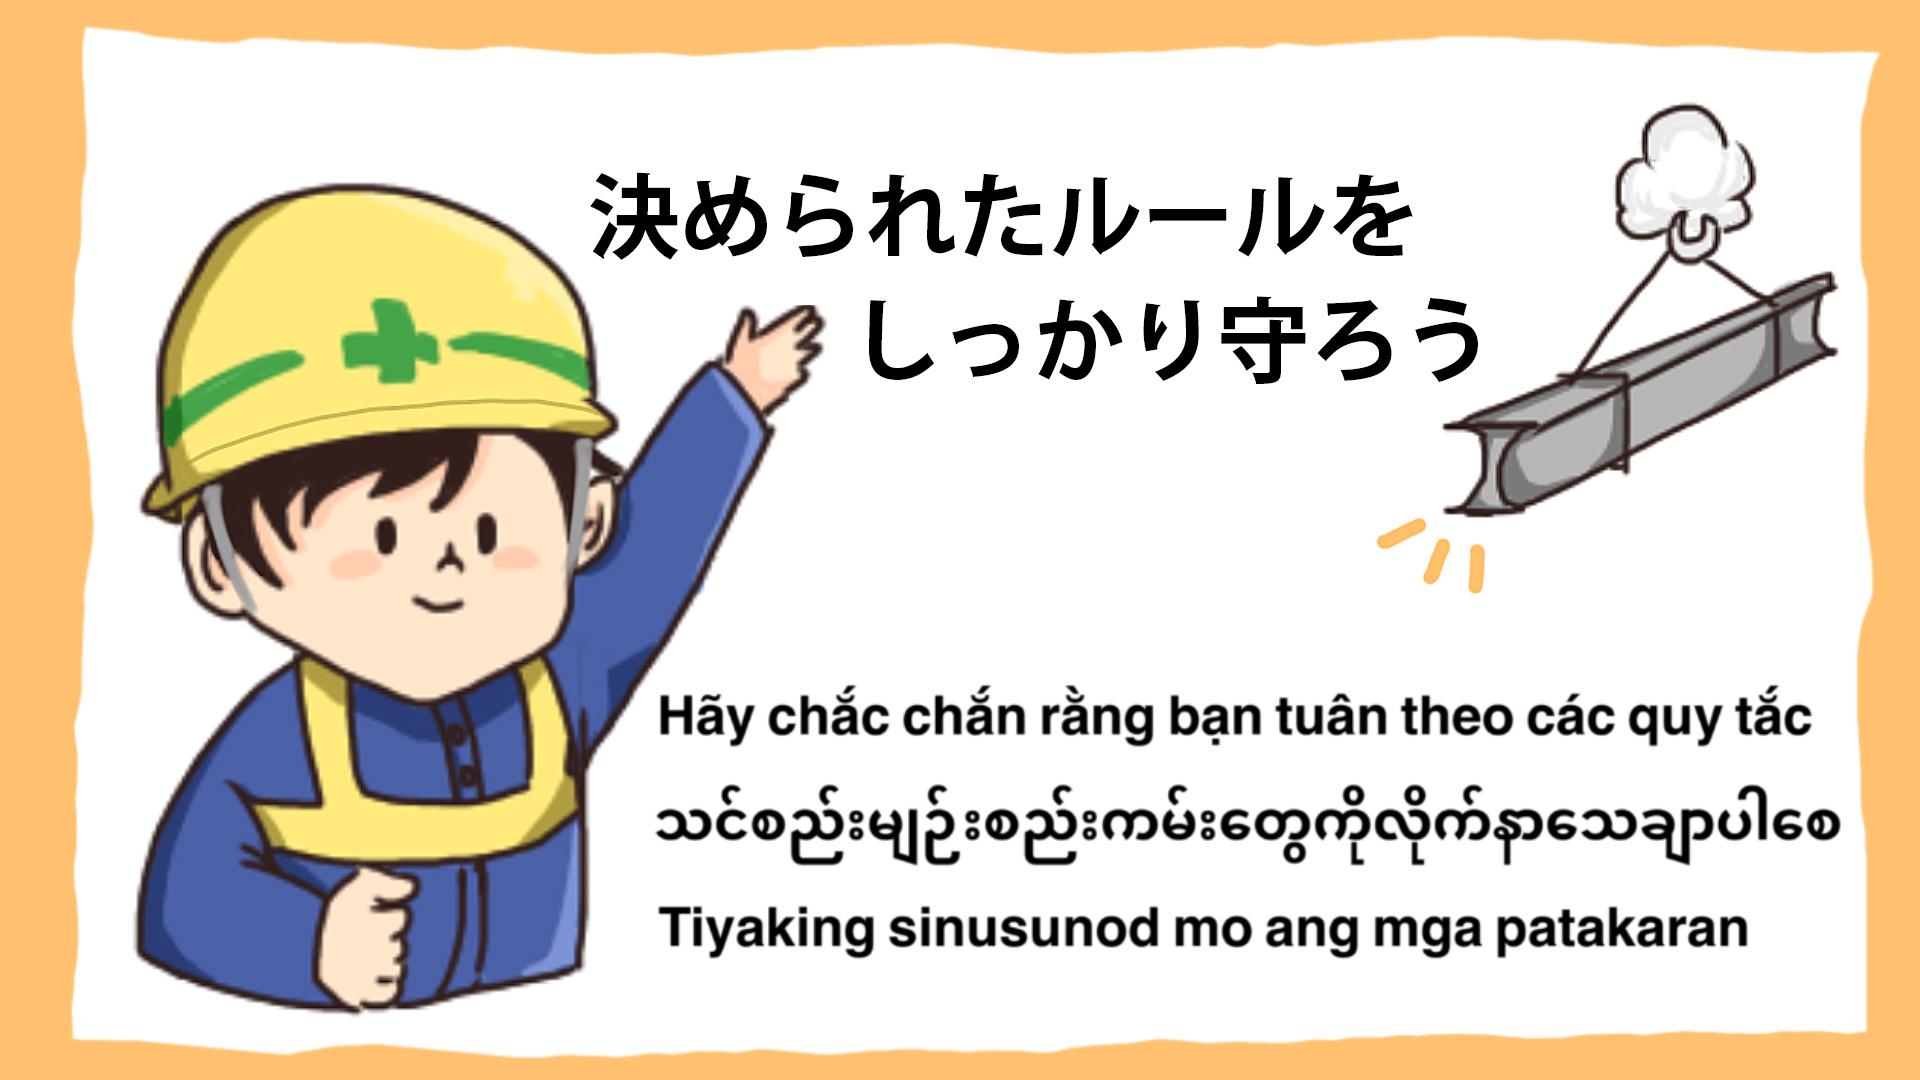 工事現場の安全イラスト-決められたルールをしかりまもろう